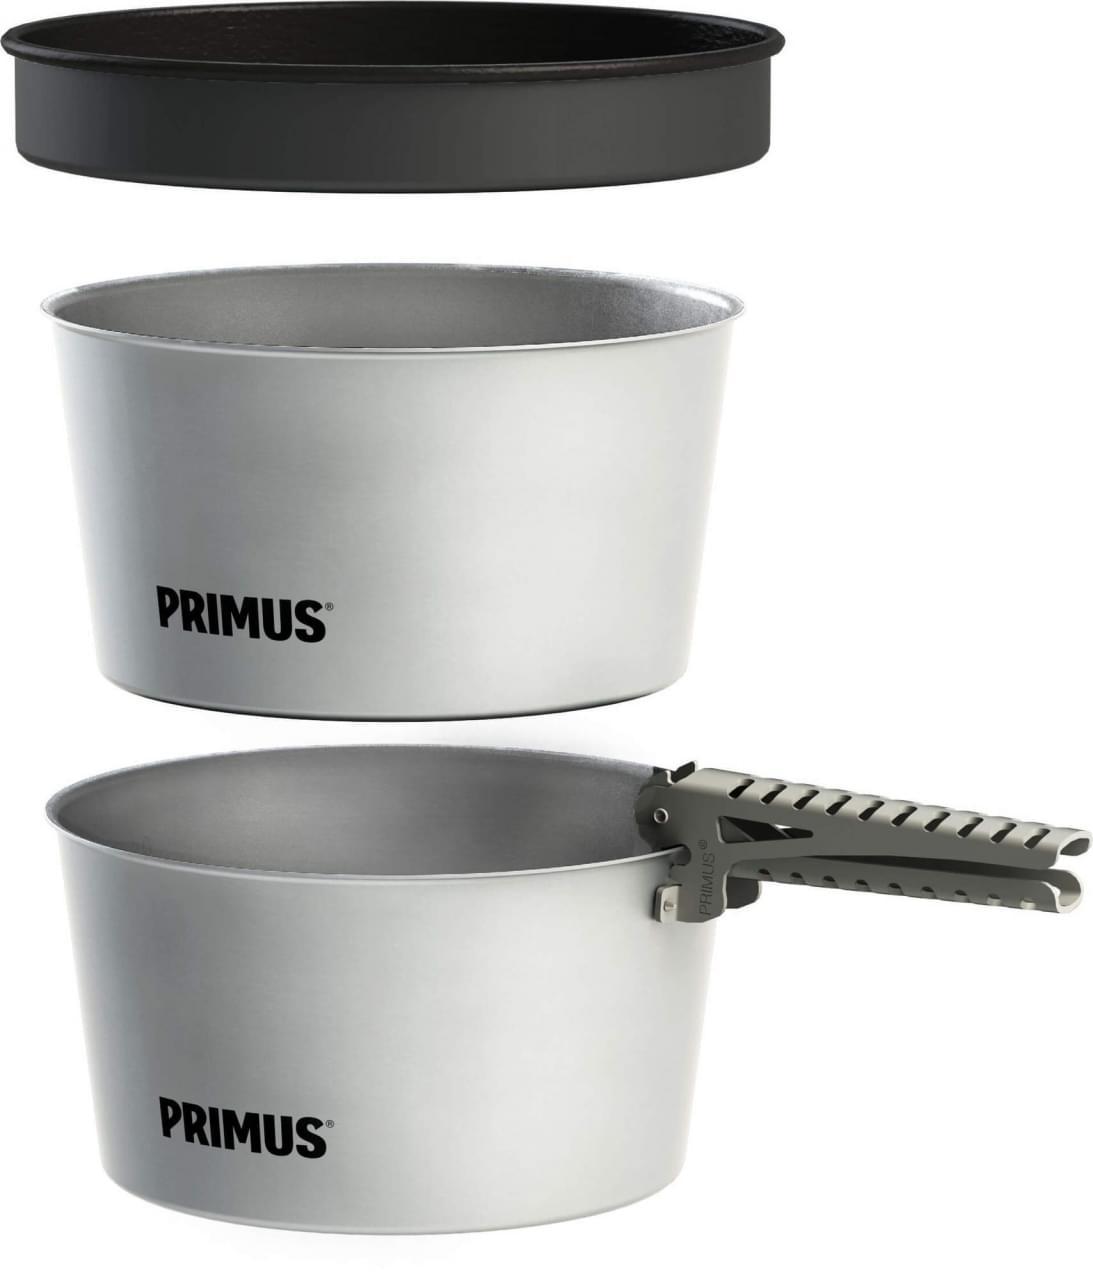 Primus Essential Pot Set 2.3L